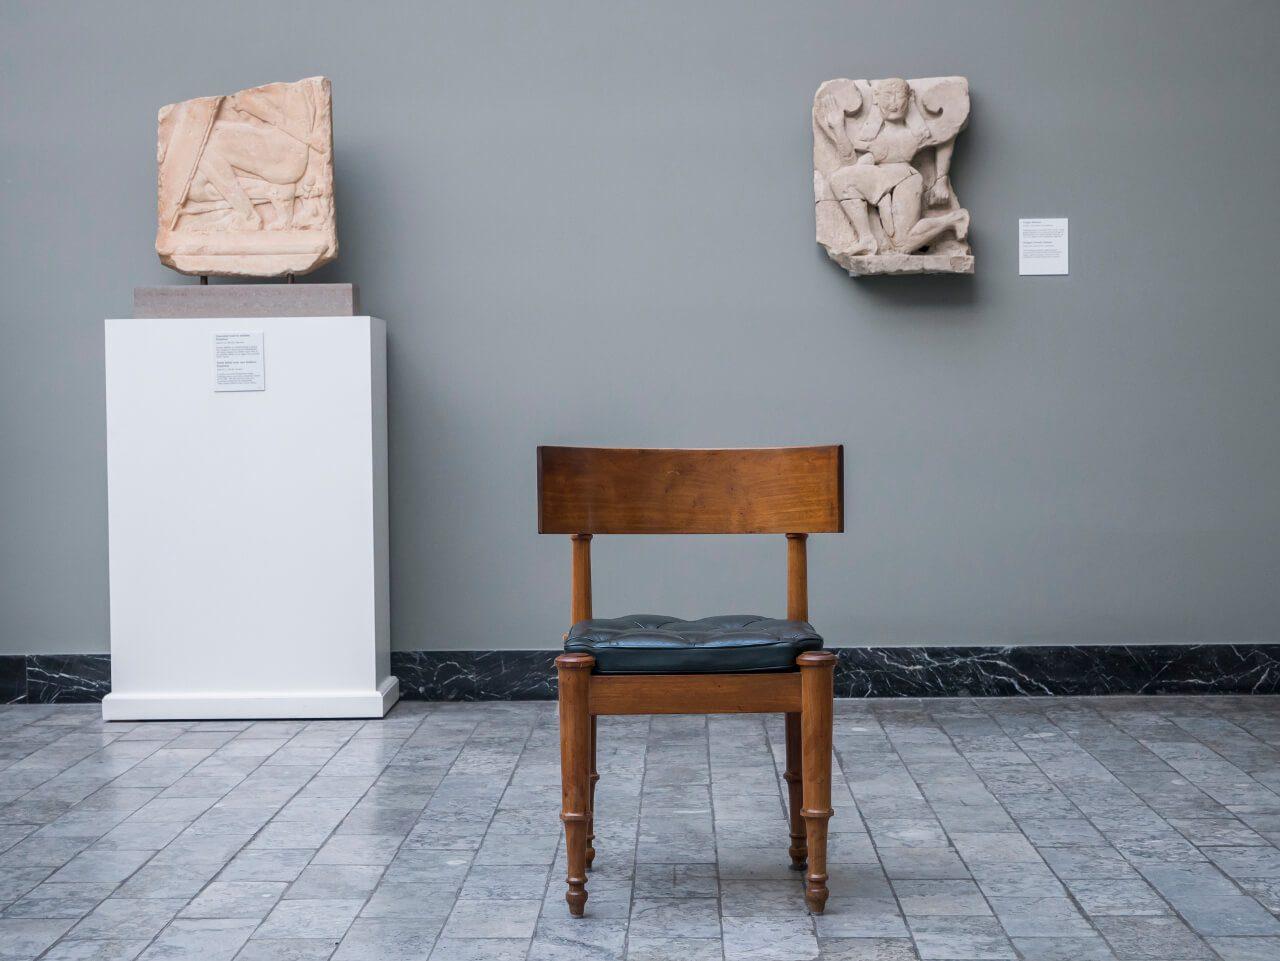 Eksponaty galerii Glyptotek